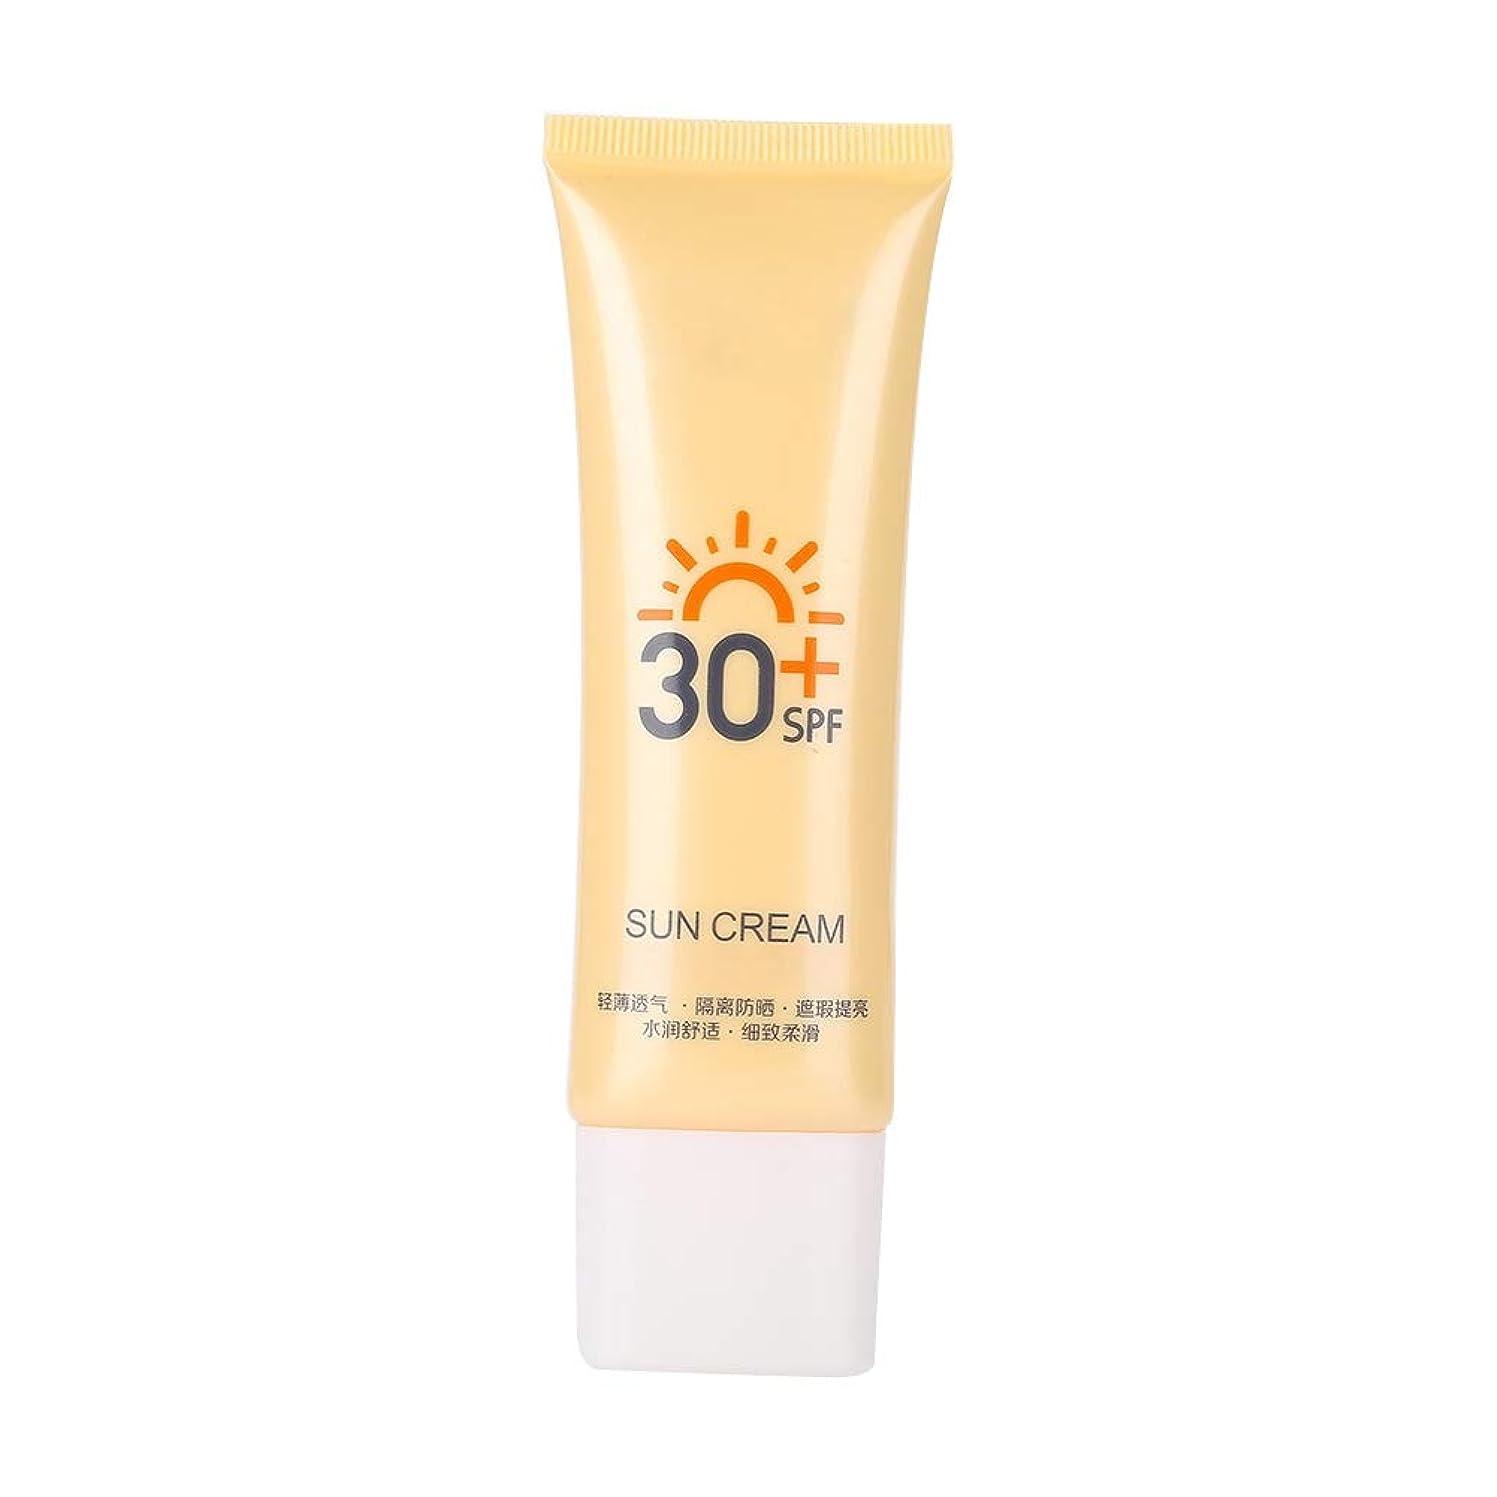 裁判官エーカー経験的日焼け止め、日焼け止め、日焼け止めを白くする、保湿日焼け止めをする、さわやかで潤いを与える保湿日焼け止めを塗る、撥水および汗止め、分離40g